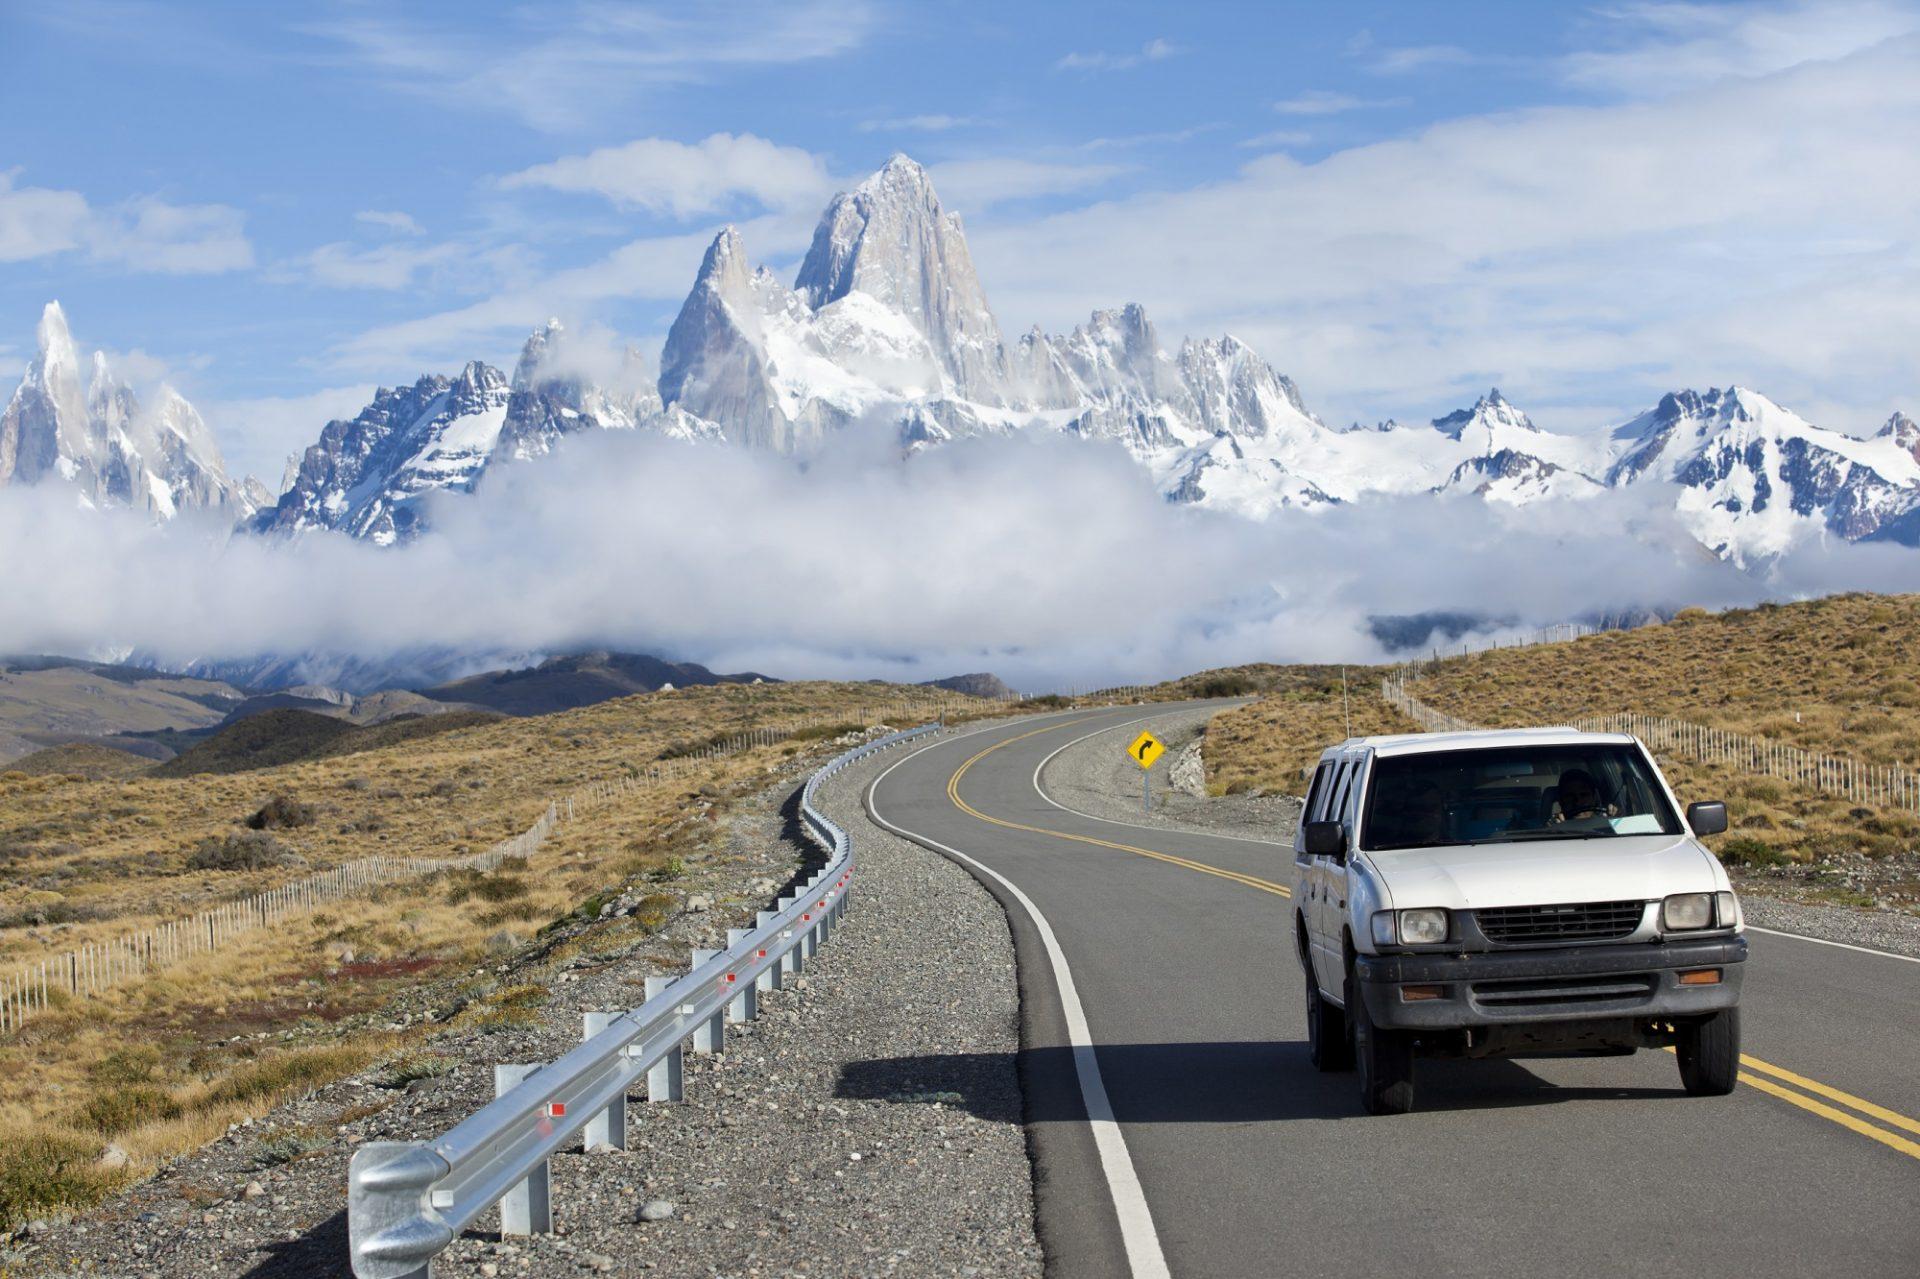 Macht eine Backpacking-Reise durch Patagonien